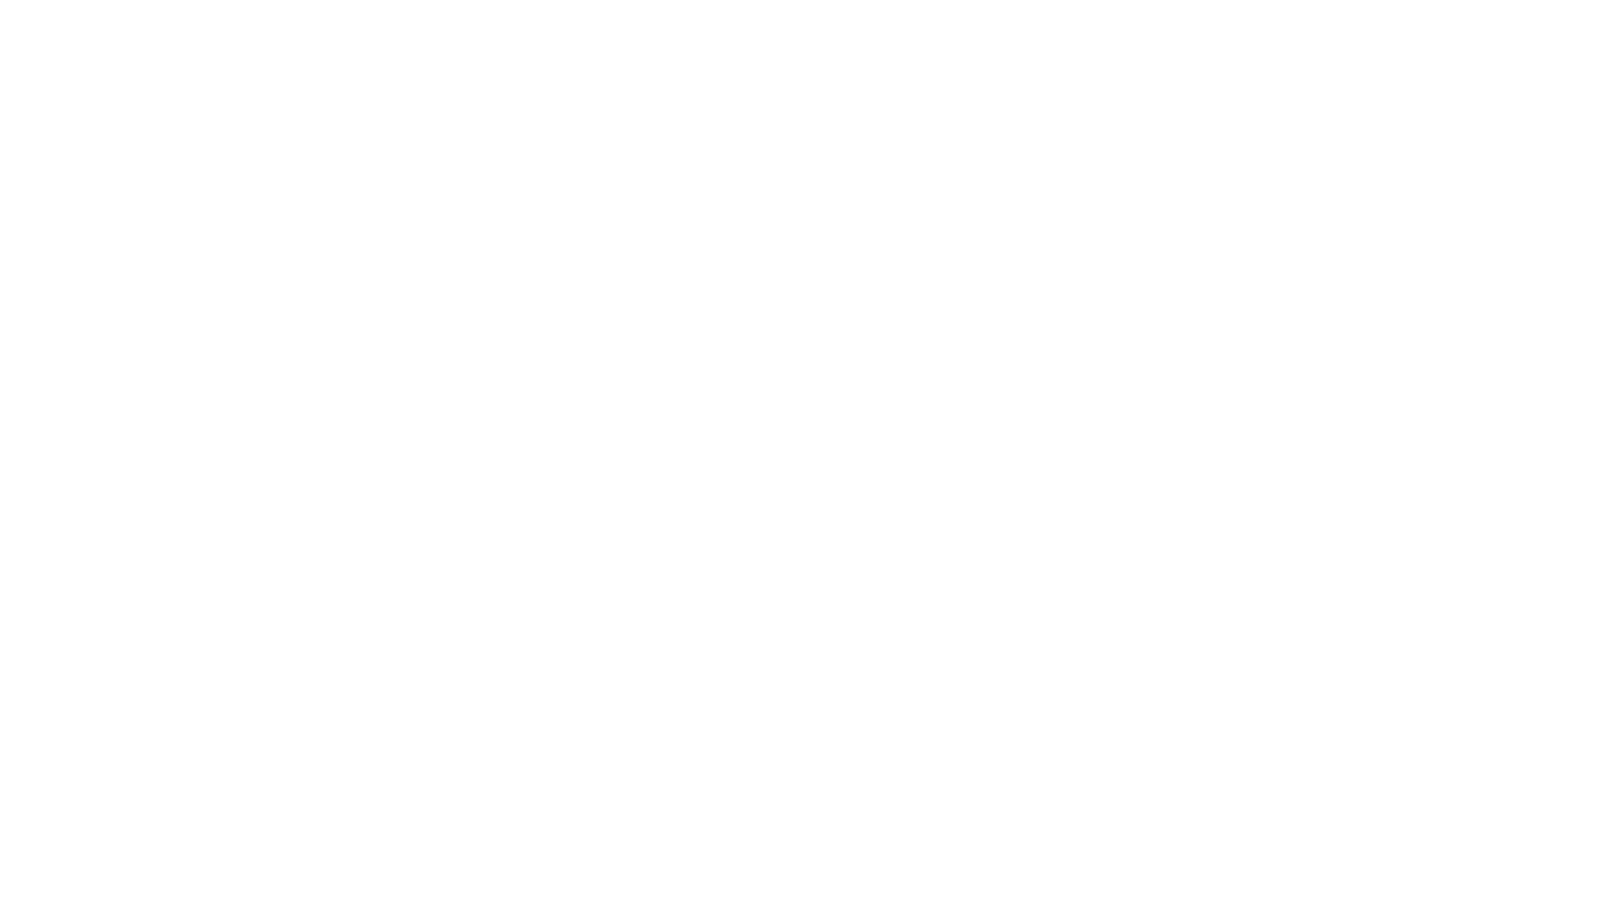 ▬▬▬▬▬▬▬▬▬▬▬▬▬▬▬▬▬▬▬▬▬▬▬▬▬▬▬▬▬ Folge uns auf Instagram 📸 https://www.instagram.com/greemgmbh/ Folge uns auf Facebook 🙏 https://www.facebook.com/greemgmbh/ Unser Online-Shop 🌍 http://www.greem.de/shop/  Dieses Video wurde mit folgendem Equipment aufgezeichnet:  Kamera: Apple iPhone 12 ► https://amzn.to/  Stativ: Manfrotto Mini stativ ► https://amzn.to/  Lampen: 3x Neewer LED Panels ► https://amzn.to/  ► Wenn ihr über die hier angegebenen Tracking-Links einkauft, profitiere wir davon. Danke! 💚